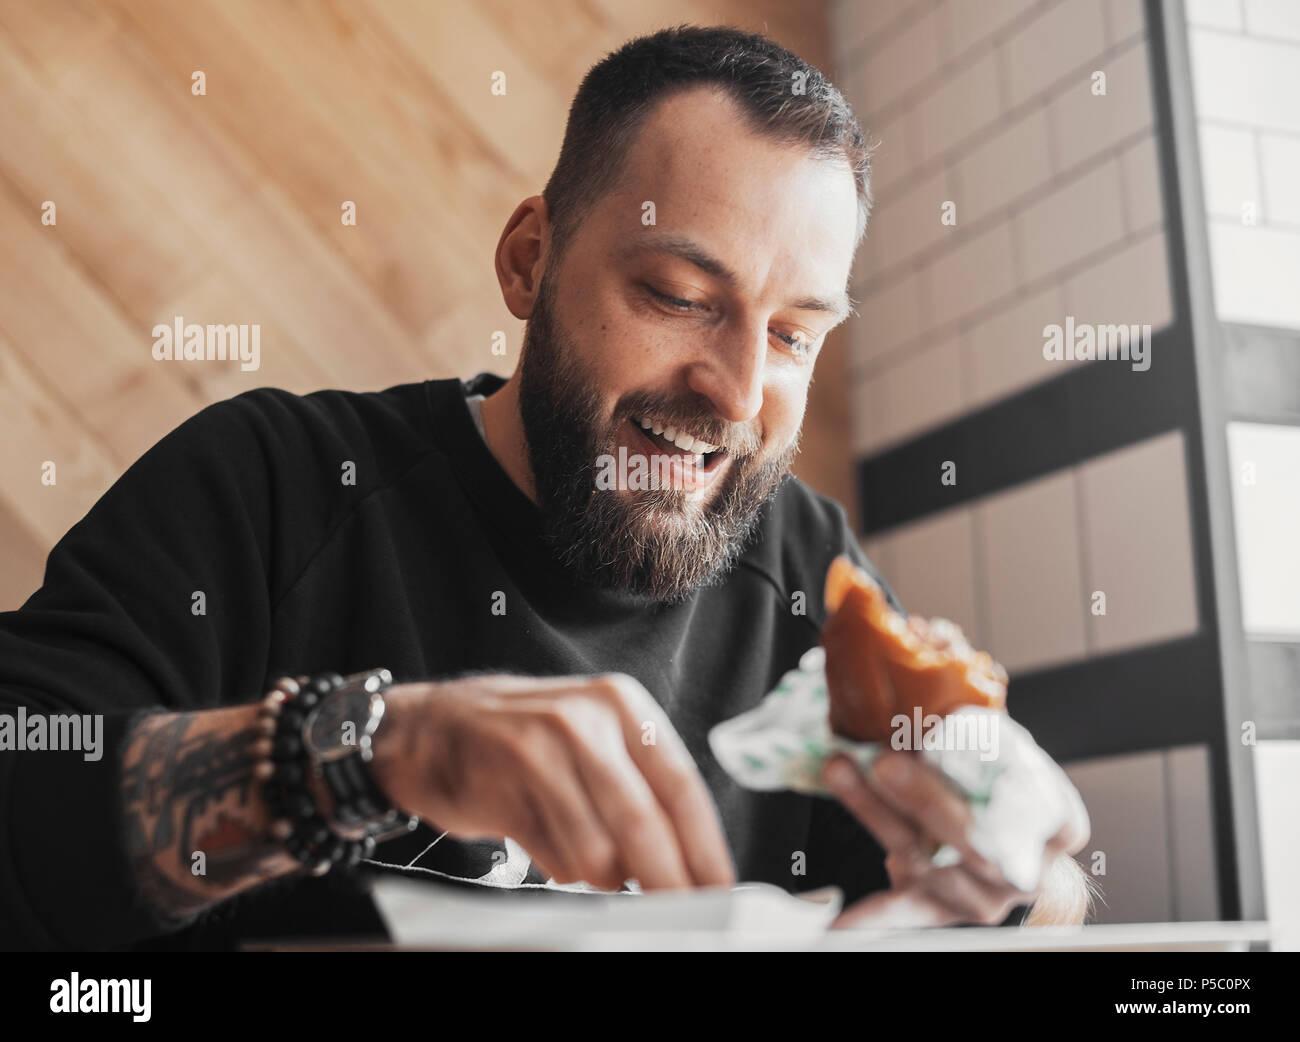 Joven barbudo hombre comiendo burger y sonriente de cerca. Imagen De Stock